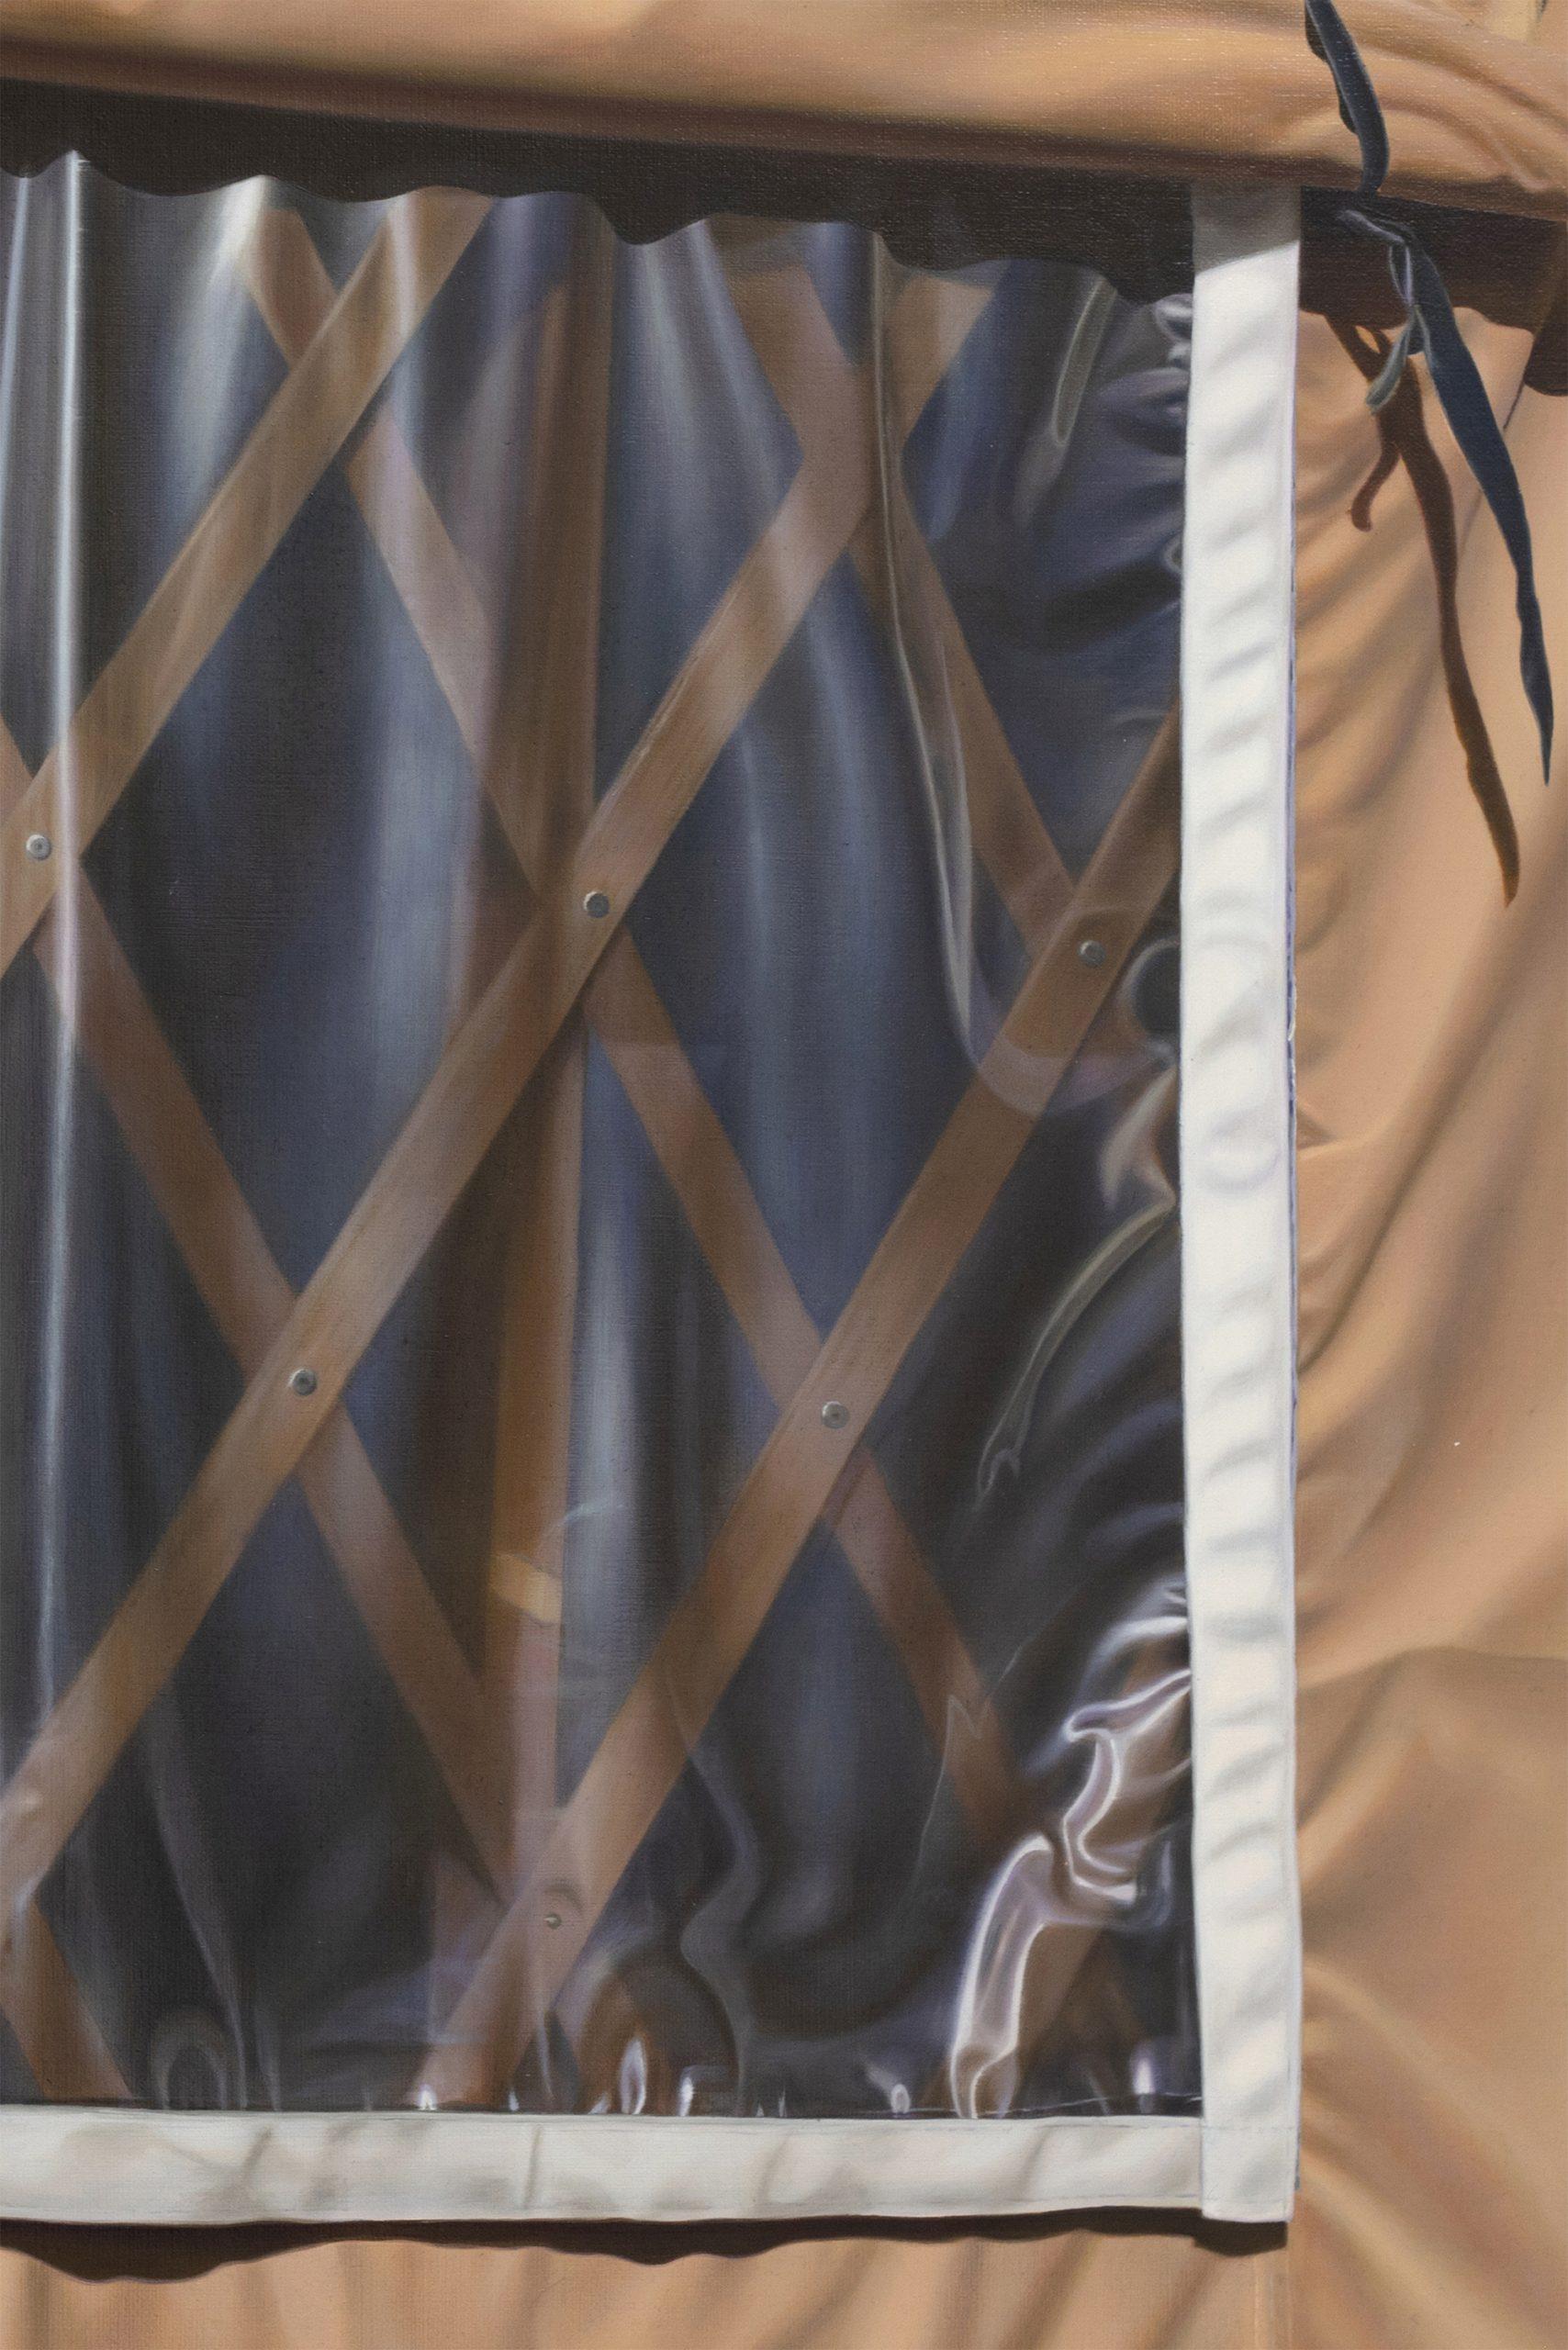 Yurt (Shift) detail